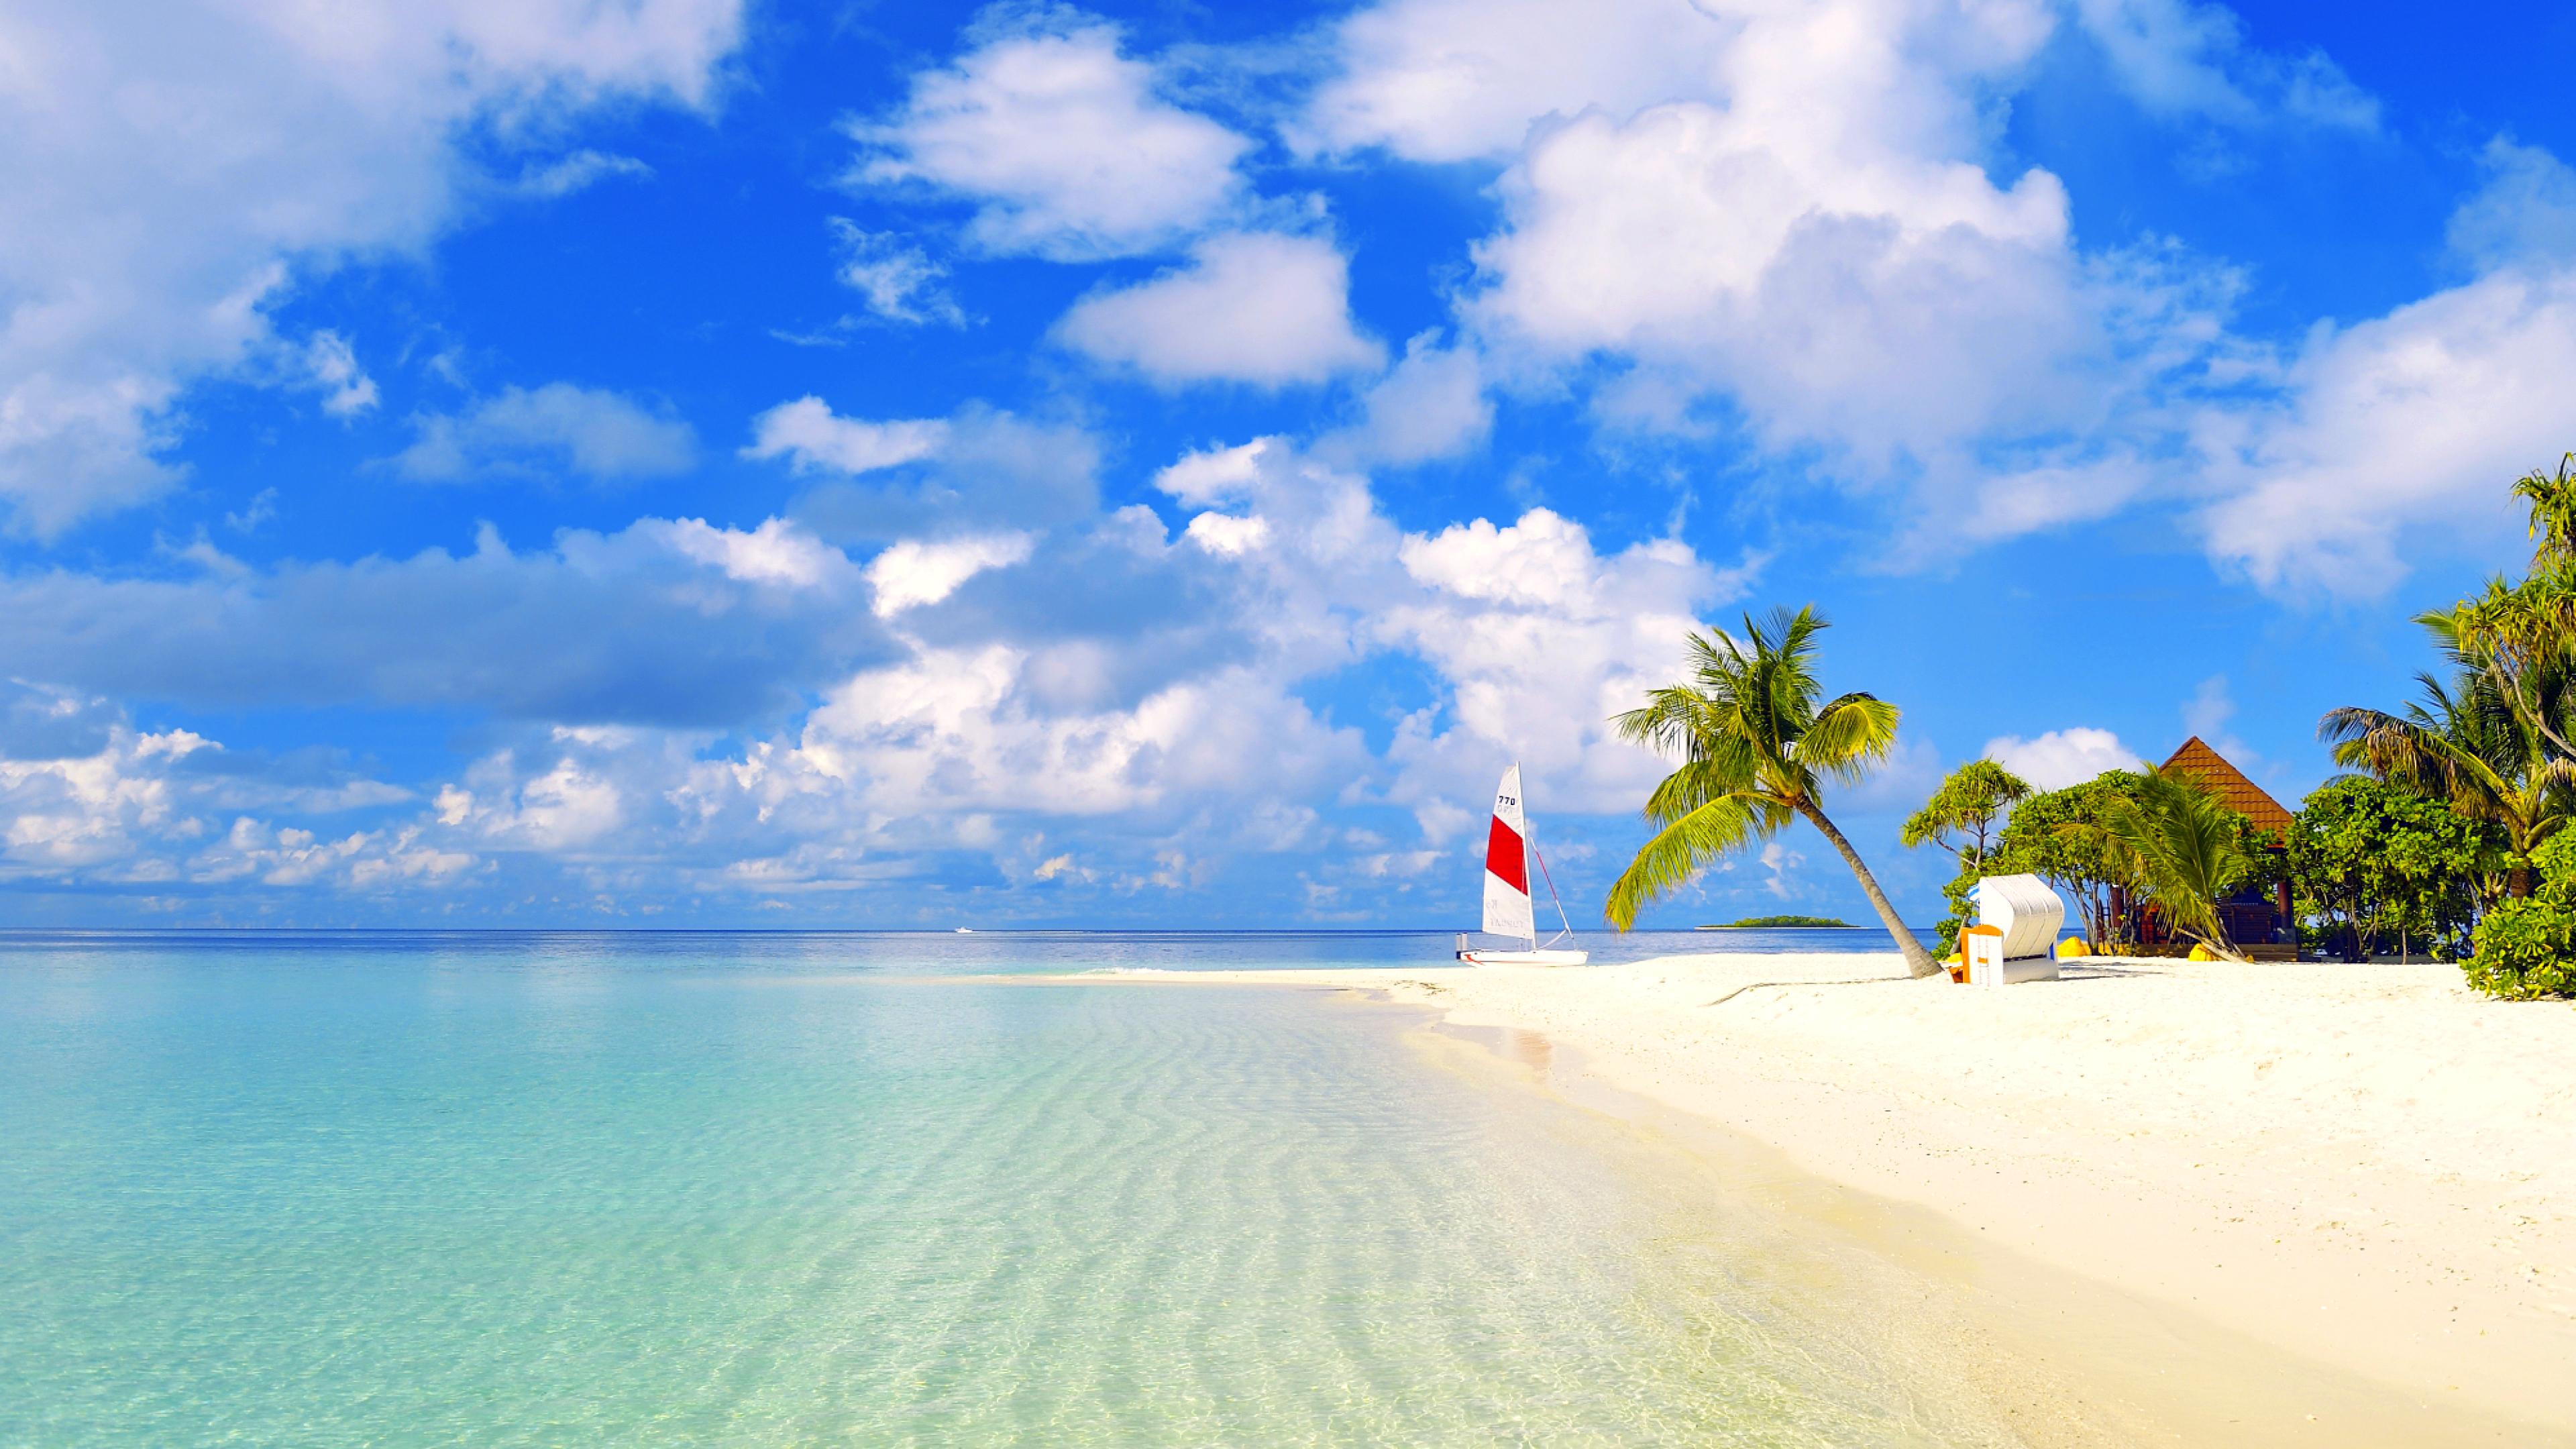 природа песок пляж дома море пальмы скачать